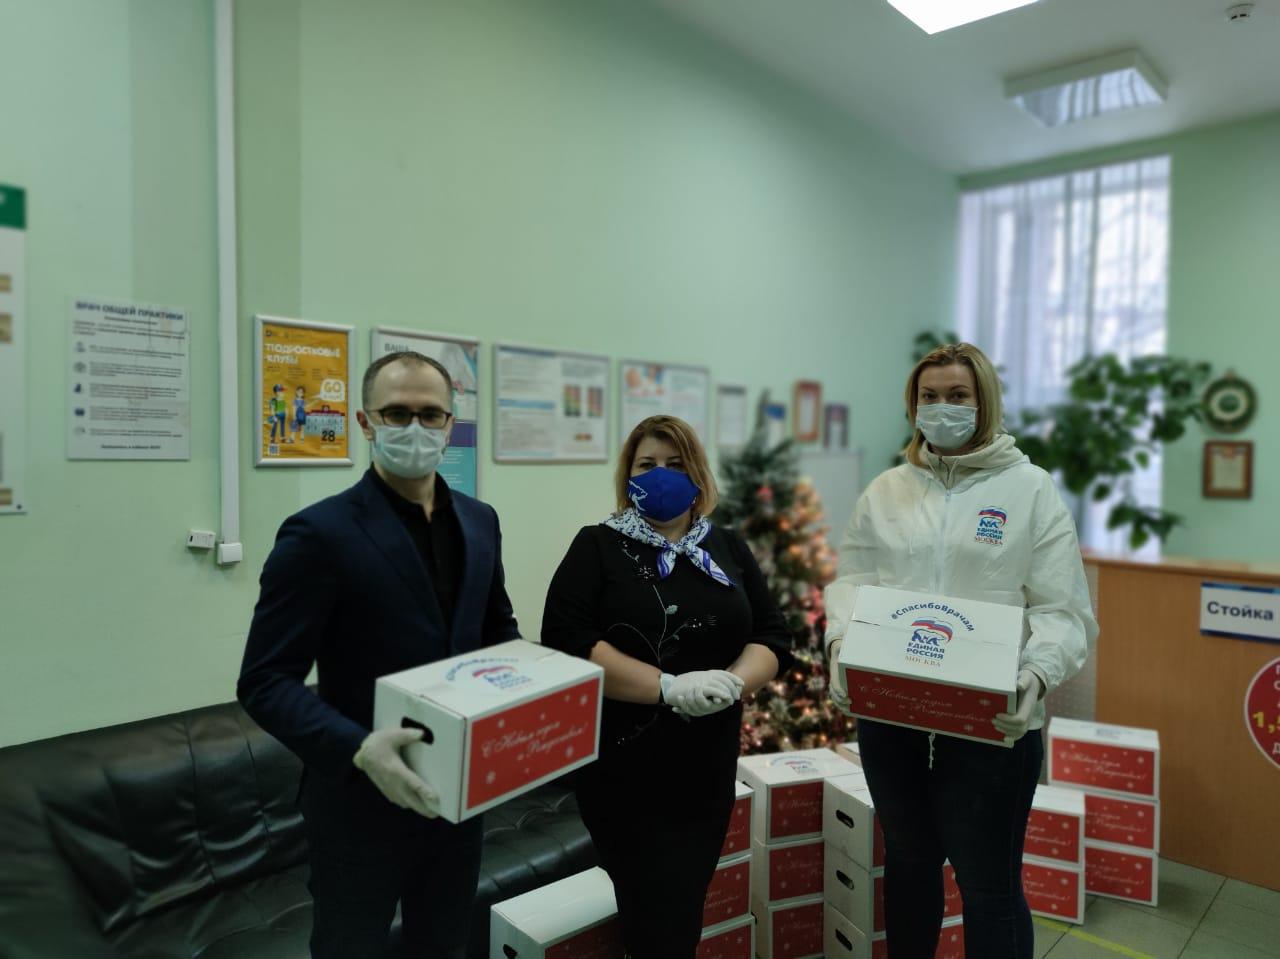 Спасибо врачам: депутаты провели новогоднюю акцию в Нагатине-Садовниках